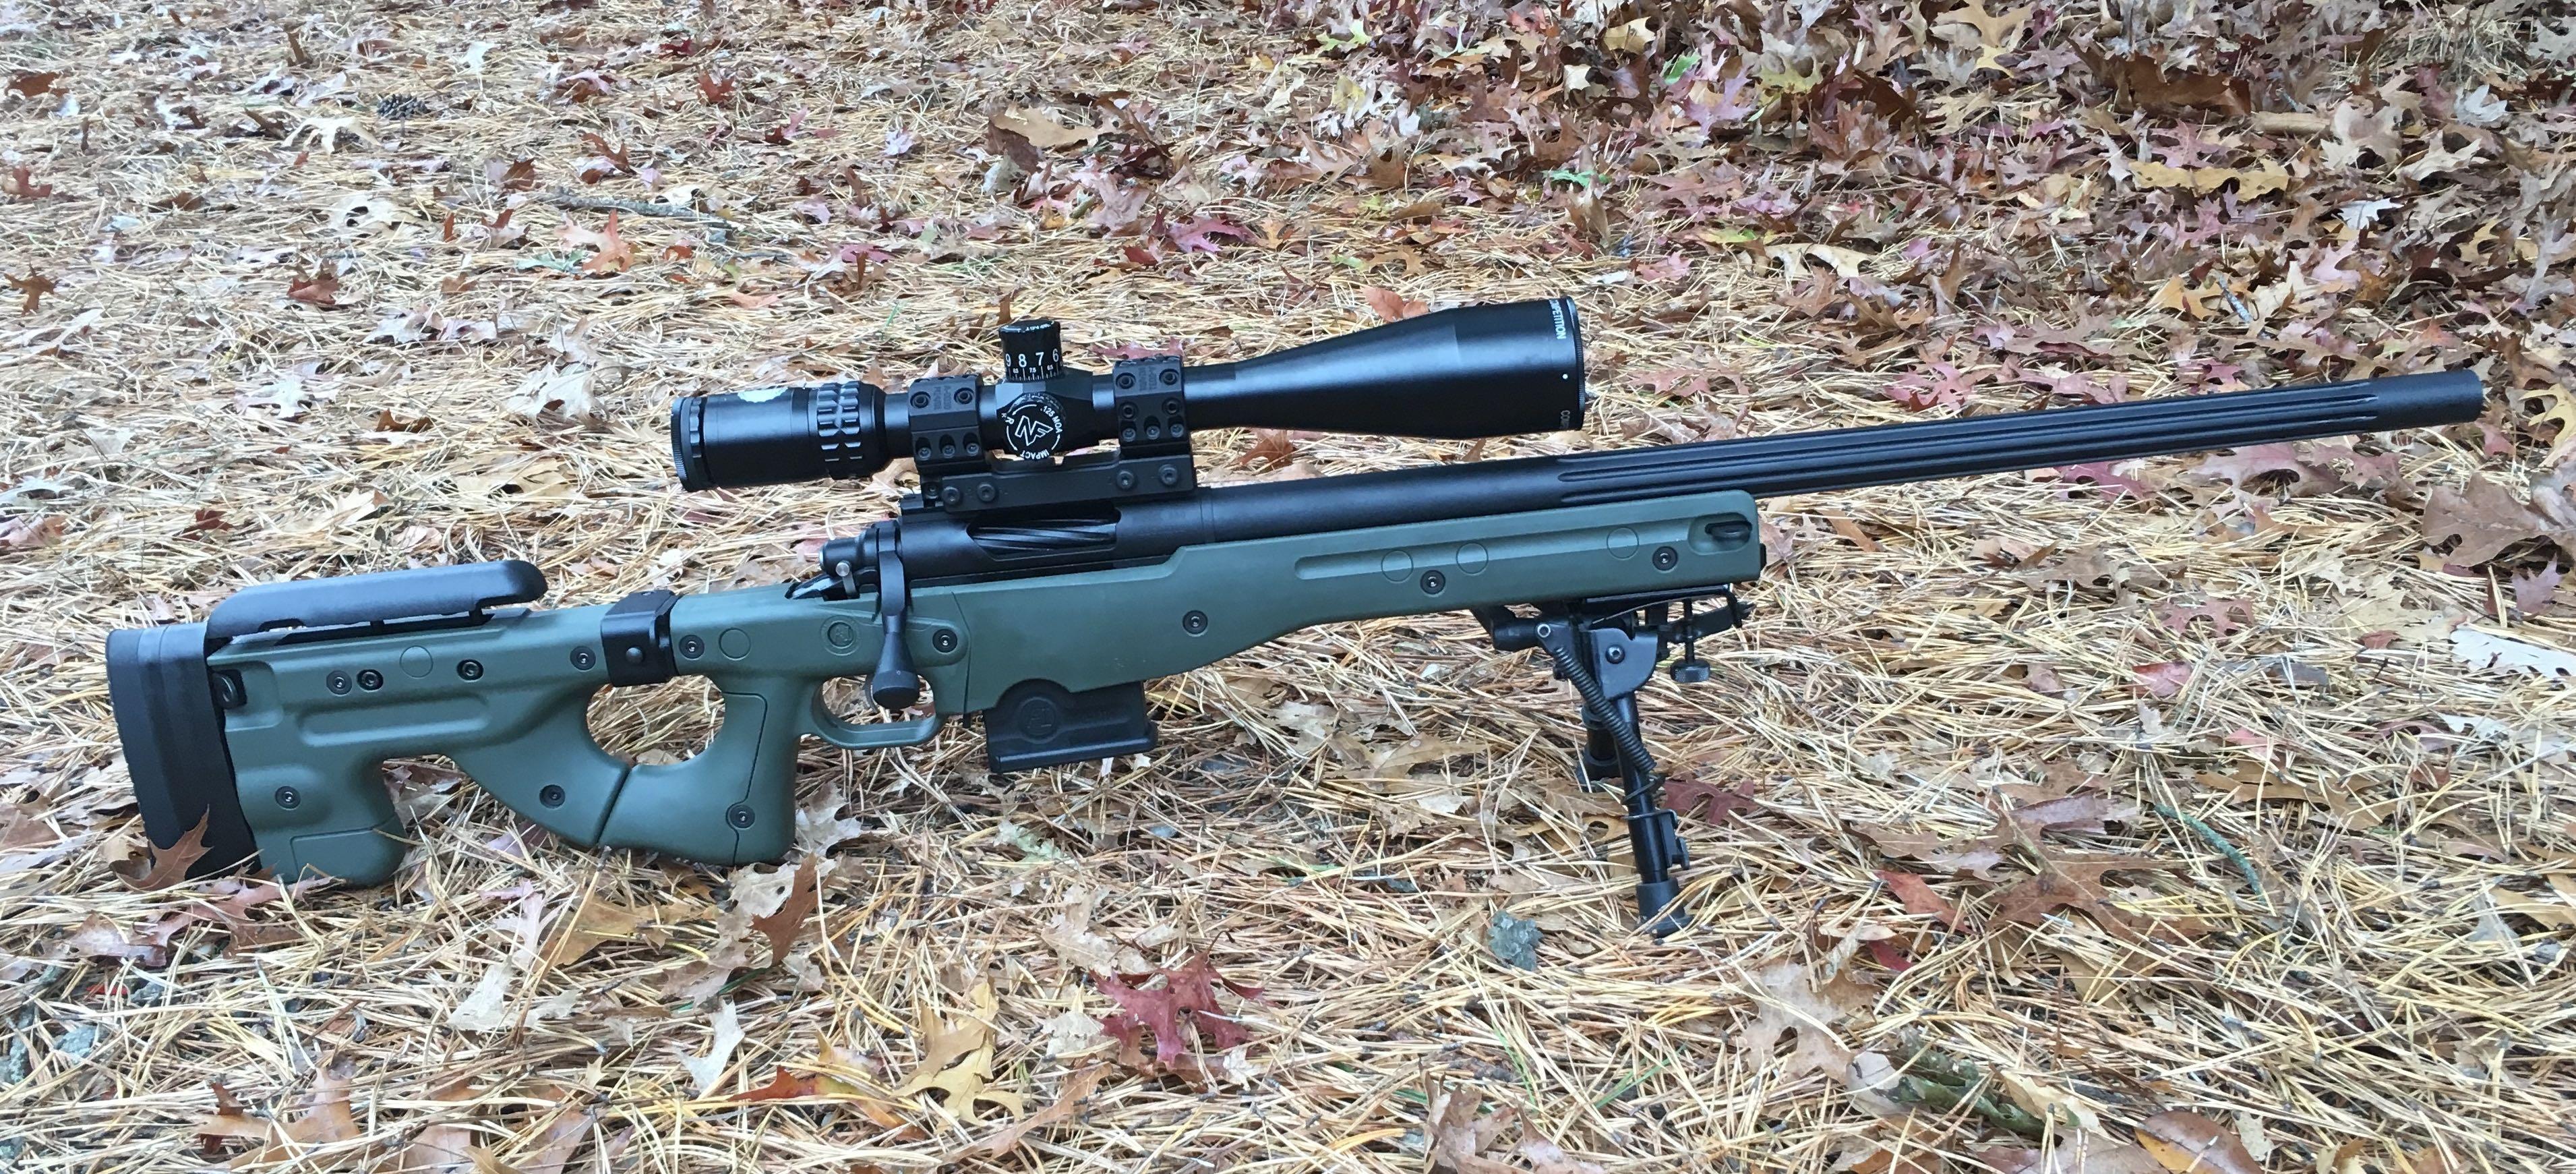 223ai-rifle-bartlein-stiller-nightforce-comp-2